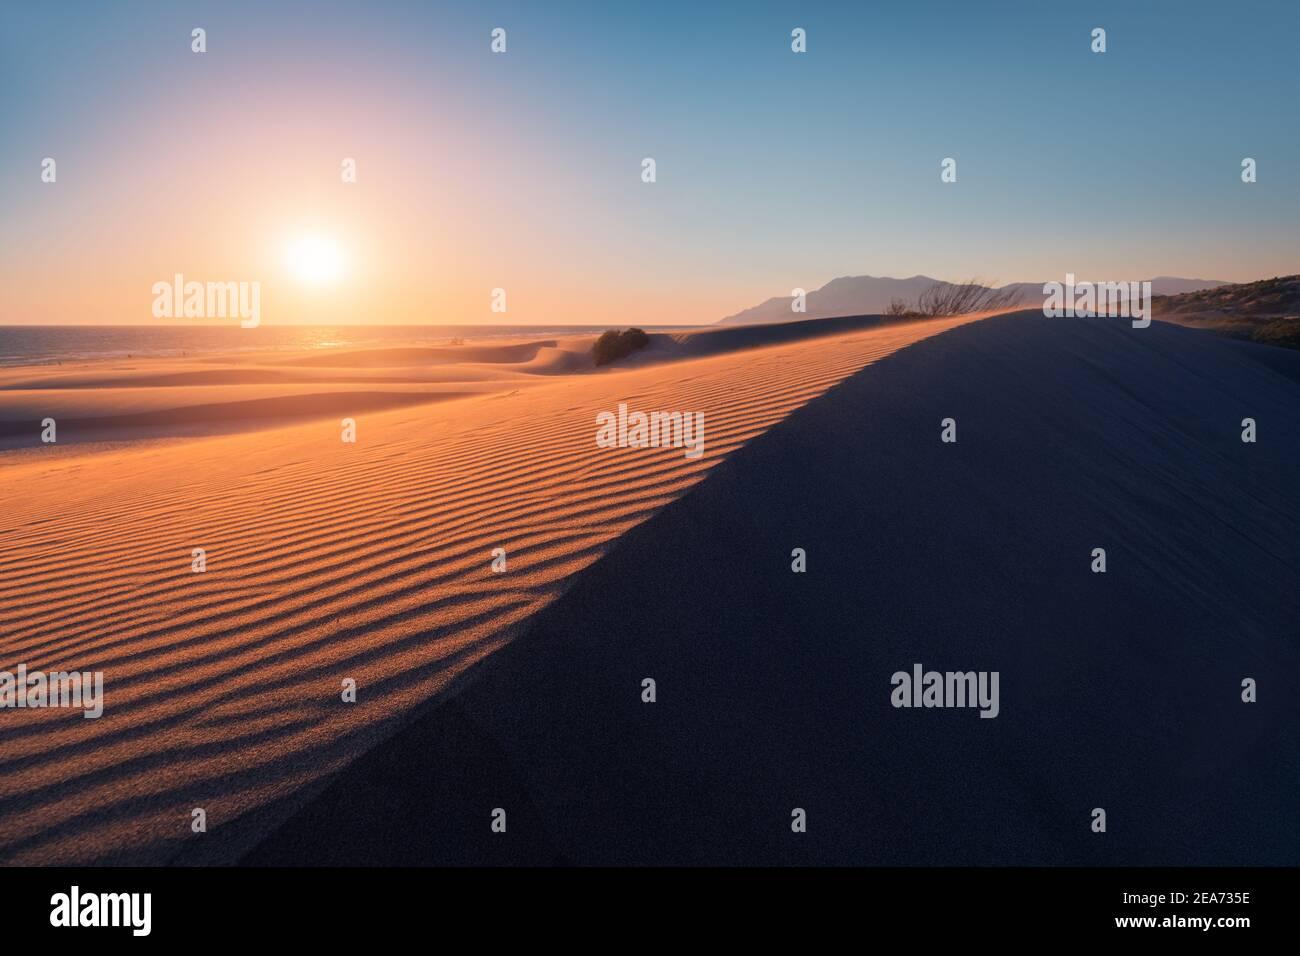 Stimmungsvolles und mystisches stimmungsvolles Licht des Sonnenuntergangs-Sonnenstrahls beleuchtet Der Hang einer Sanddüne irgendwo in der Tiefe Der Sahara Stockfoto